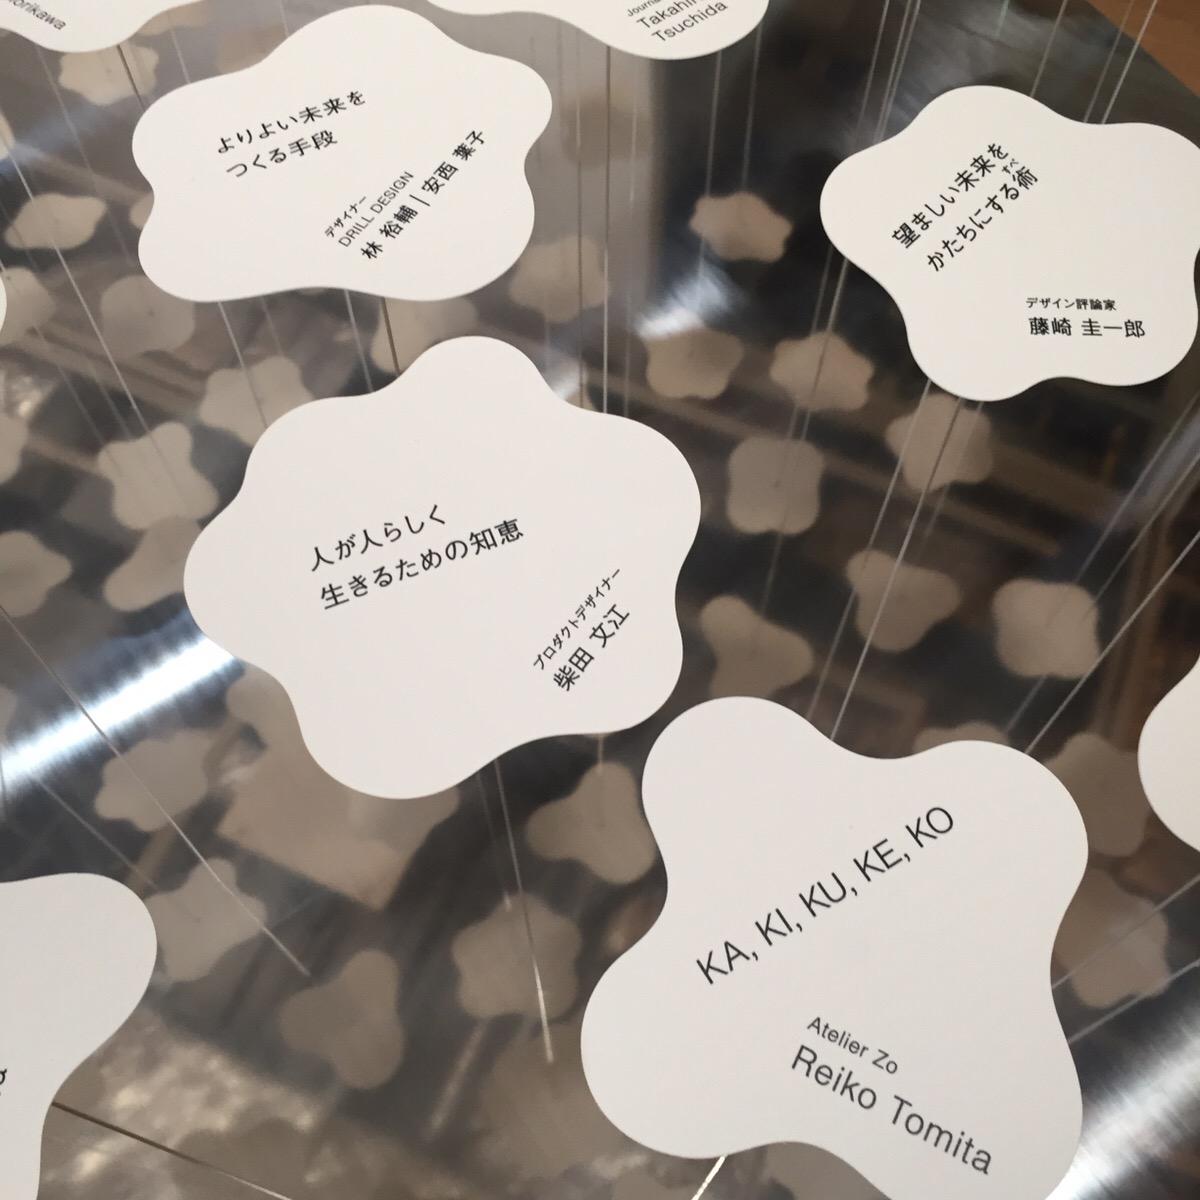 ギャラリー2で6月23日まで開催中の「言葉からはじまるデザイン 栗の木プロジェクト」。国内外のデザイナーや建築家、ジャーナリスト、スタイリストなどに「デザインは(   )」という質問を投げかけた、その答えが並んでいる。